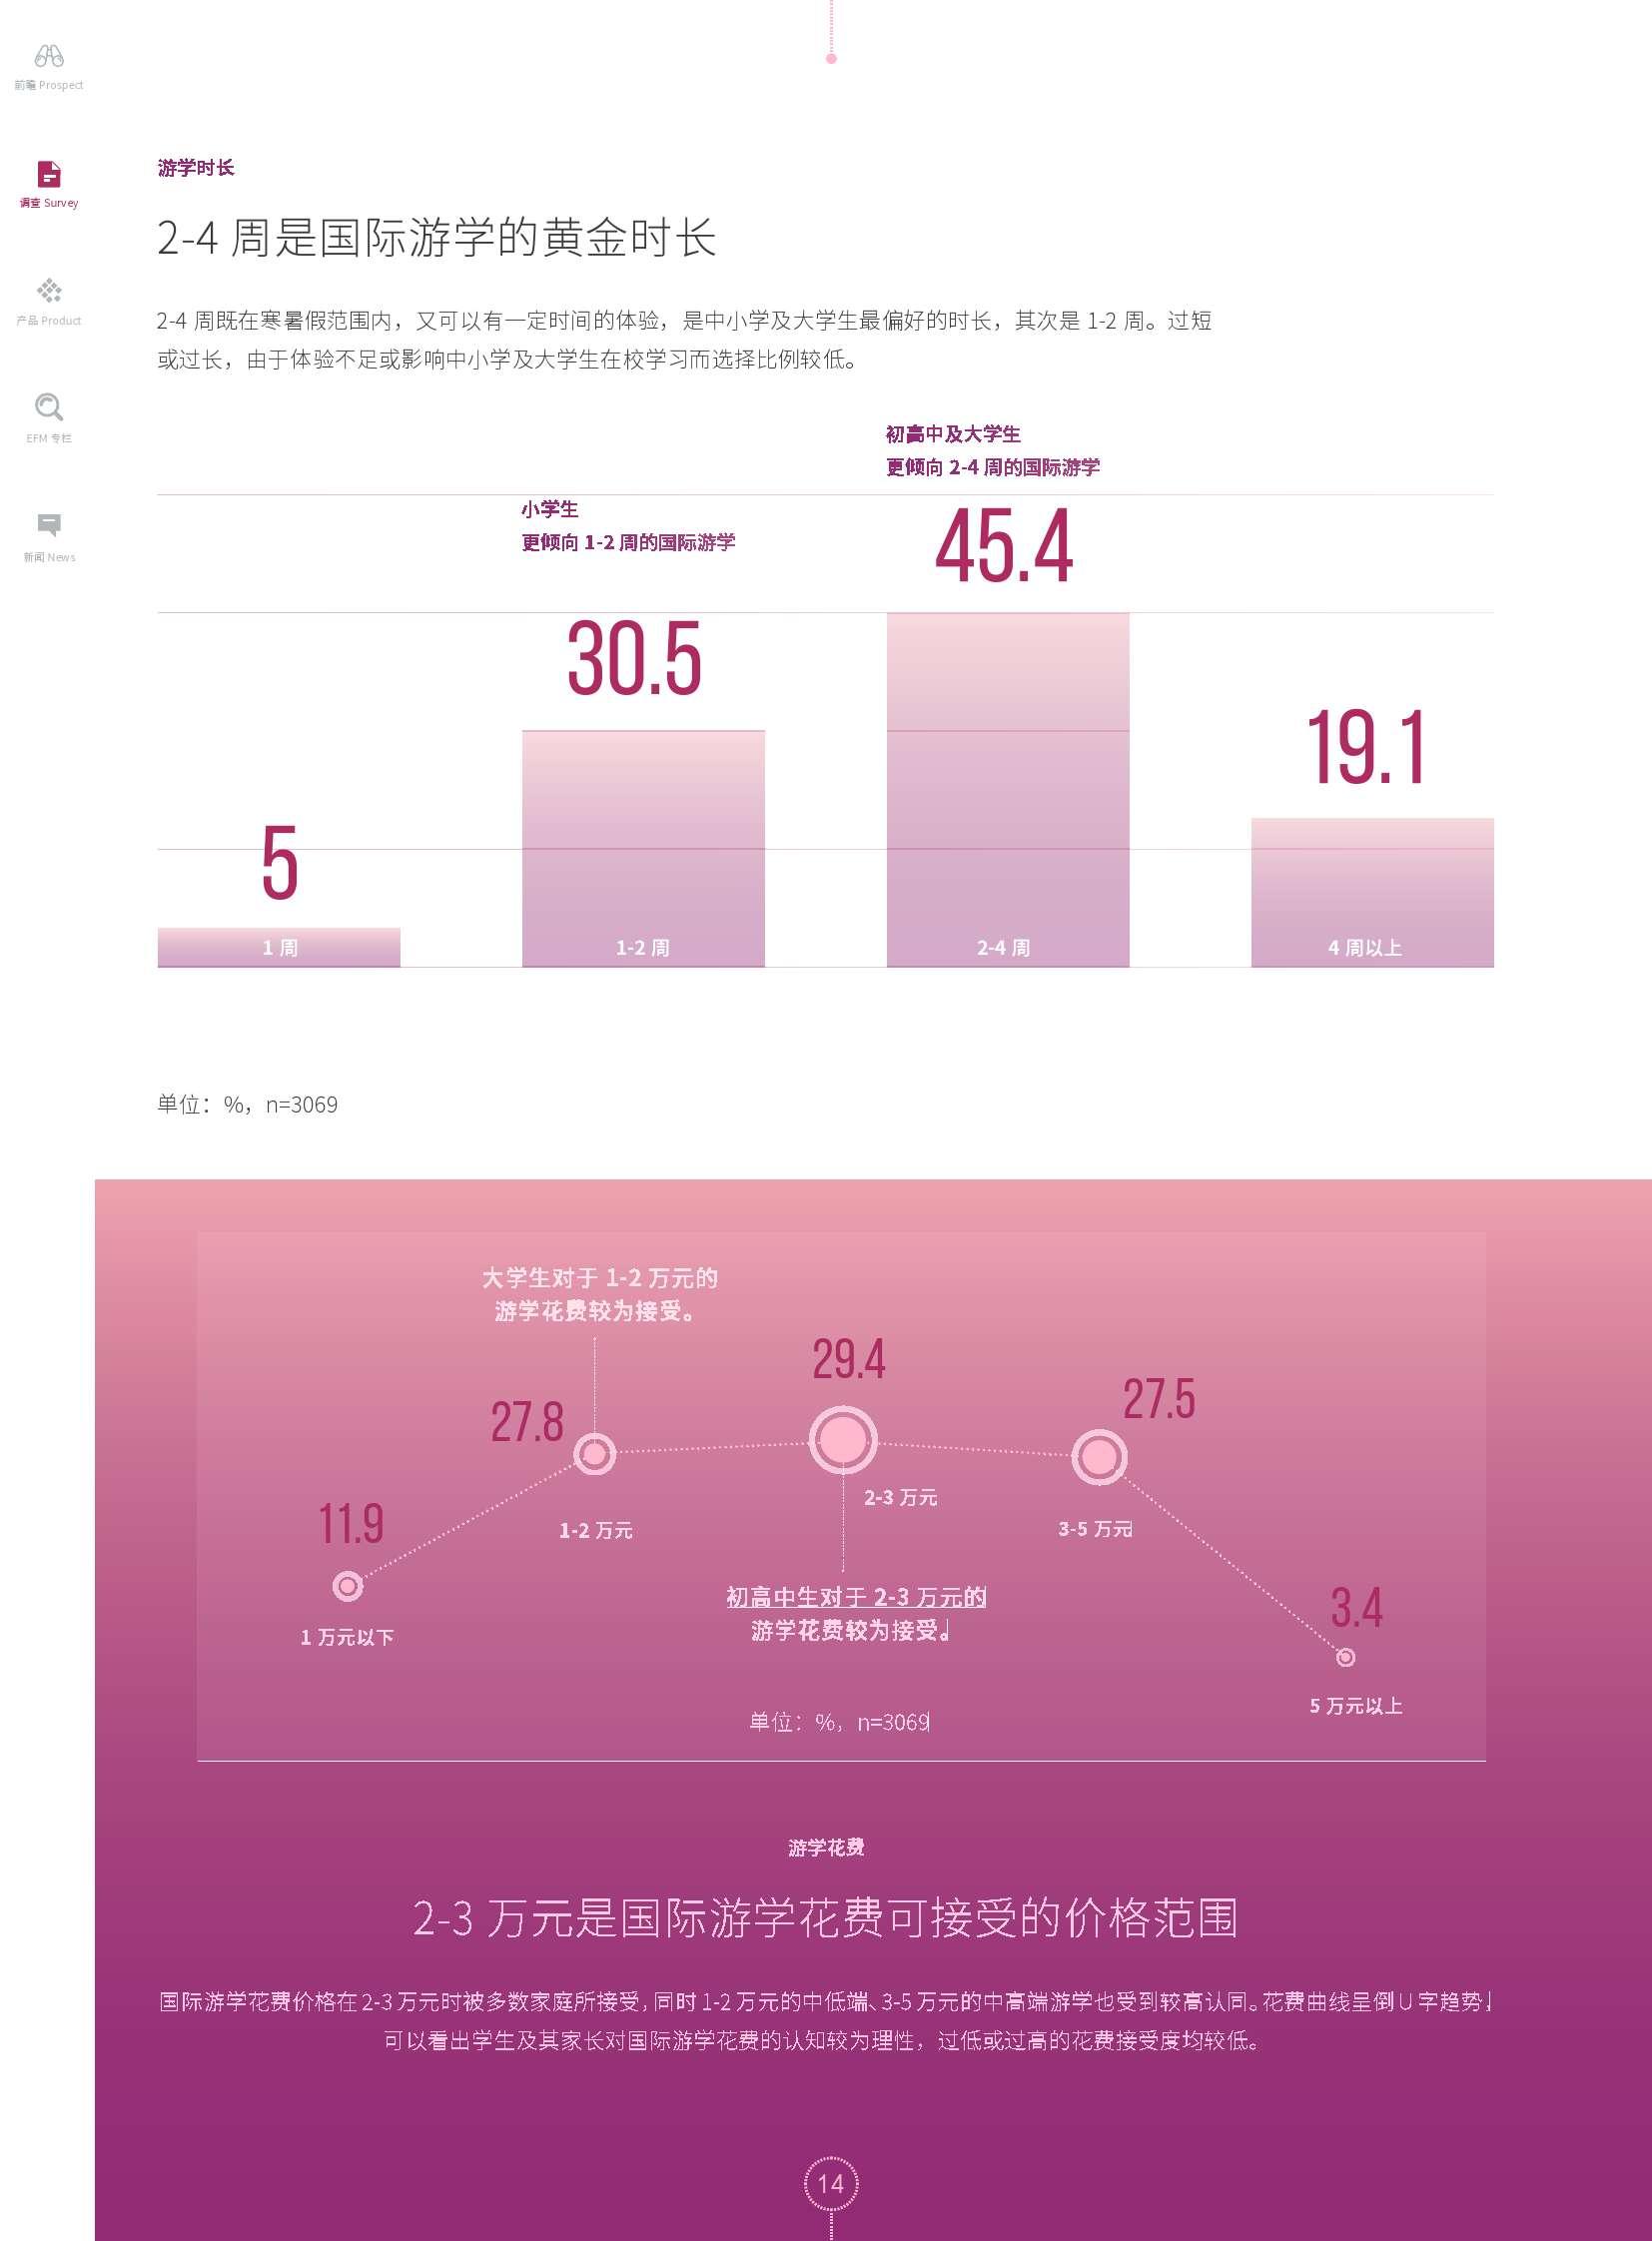 2016中国食品&饮料趋势及消费者洞察_000015